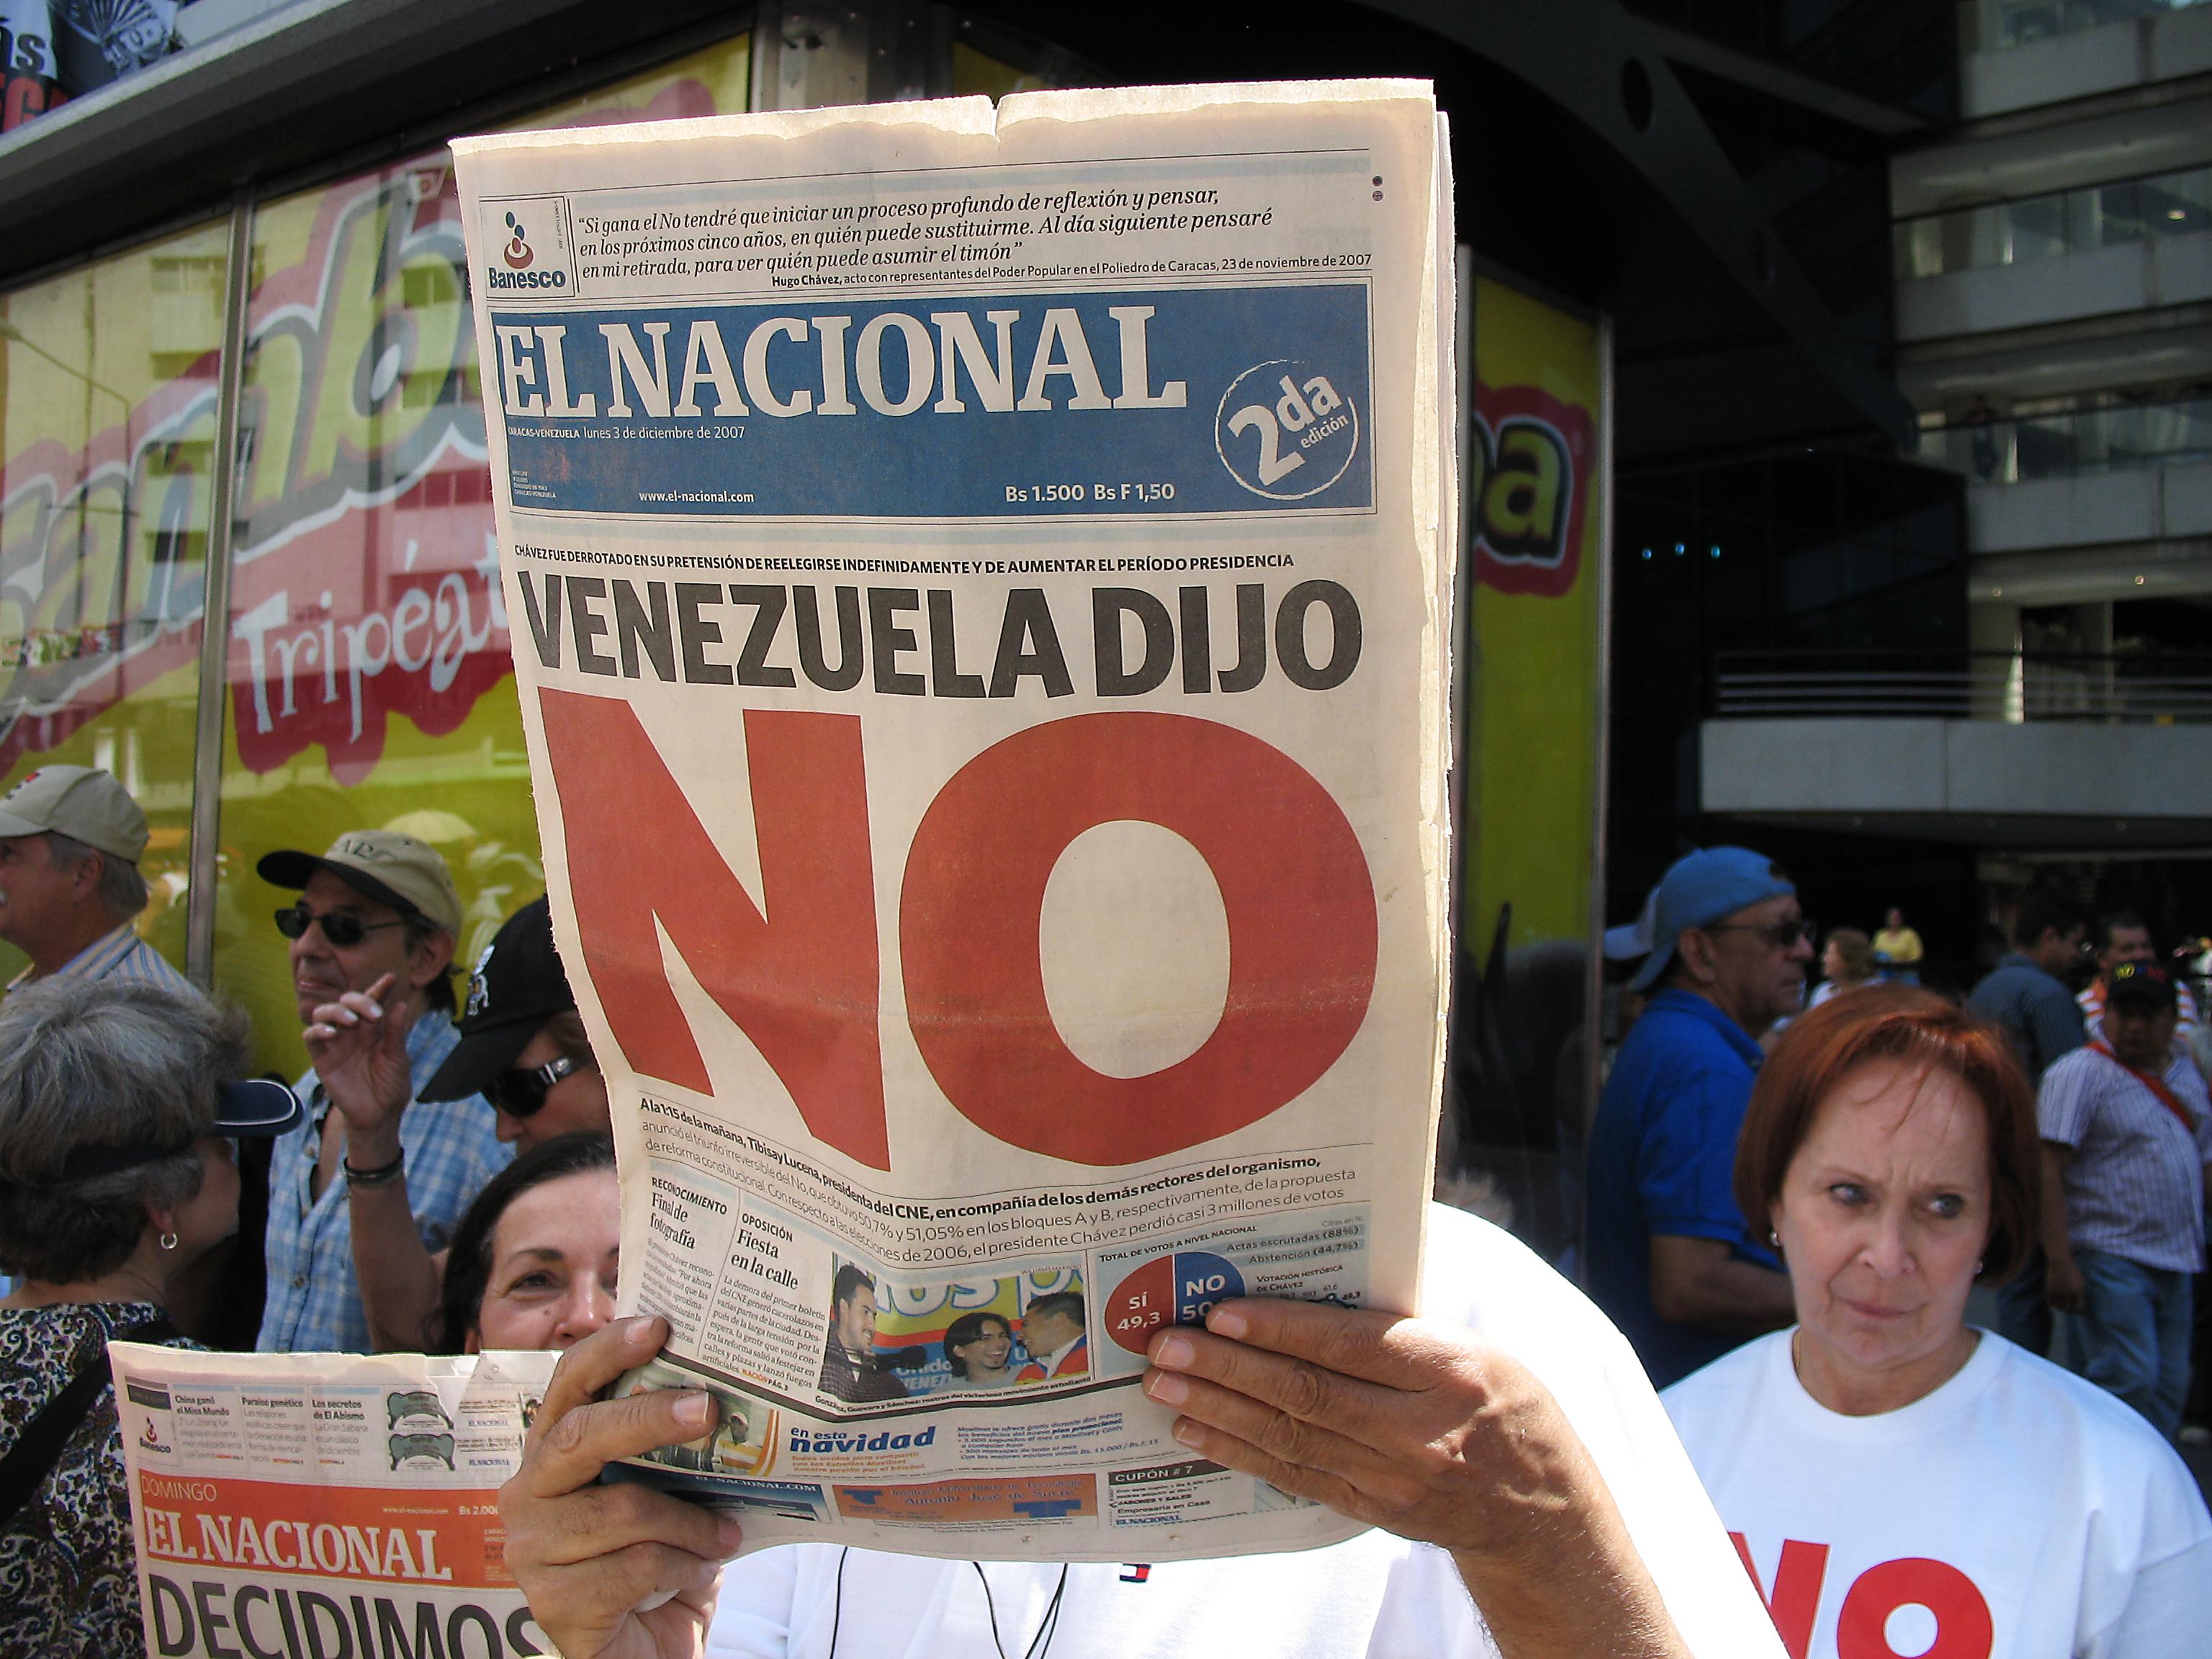 Venezuela said NO to Hugo Chavez.jpg